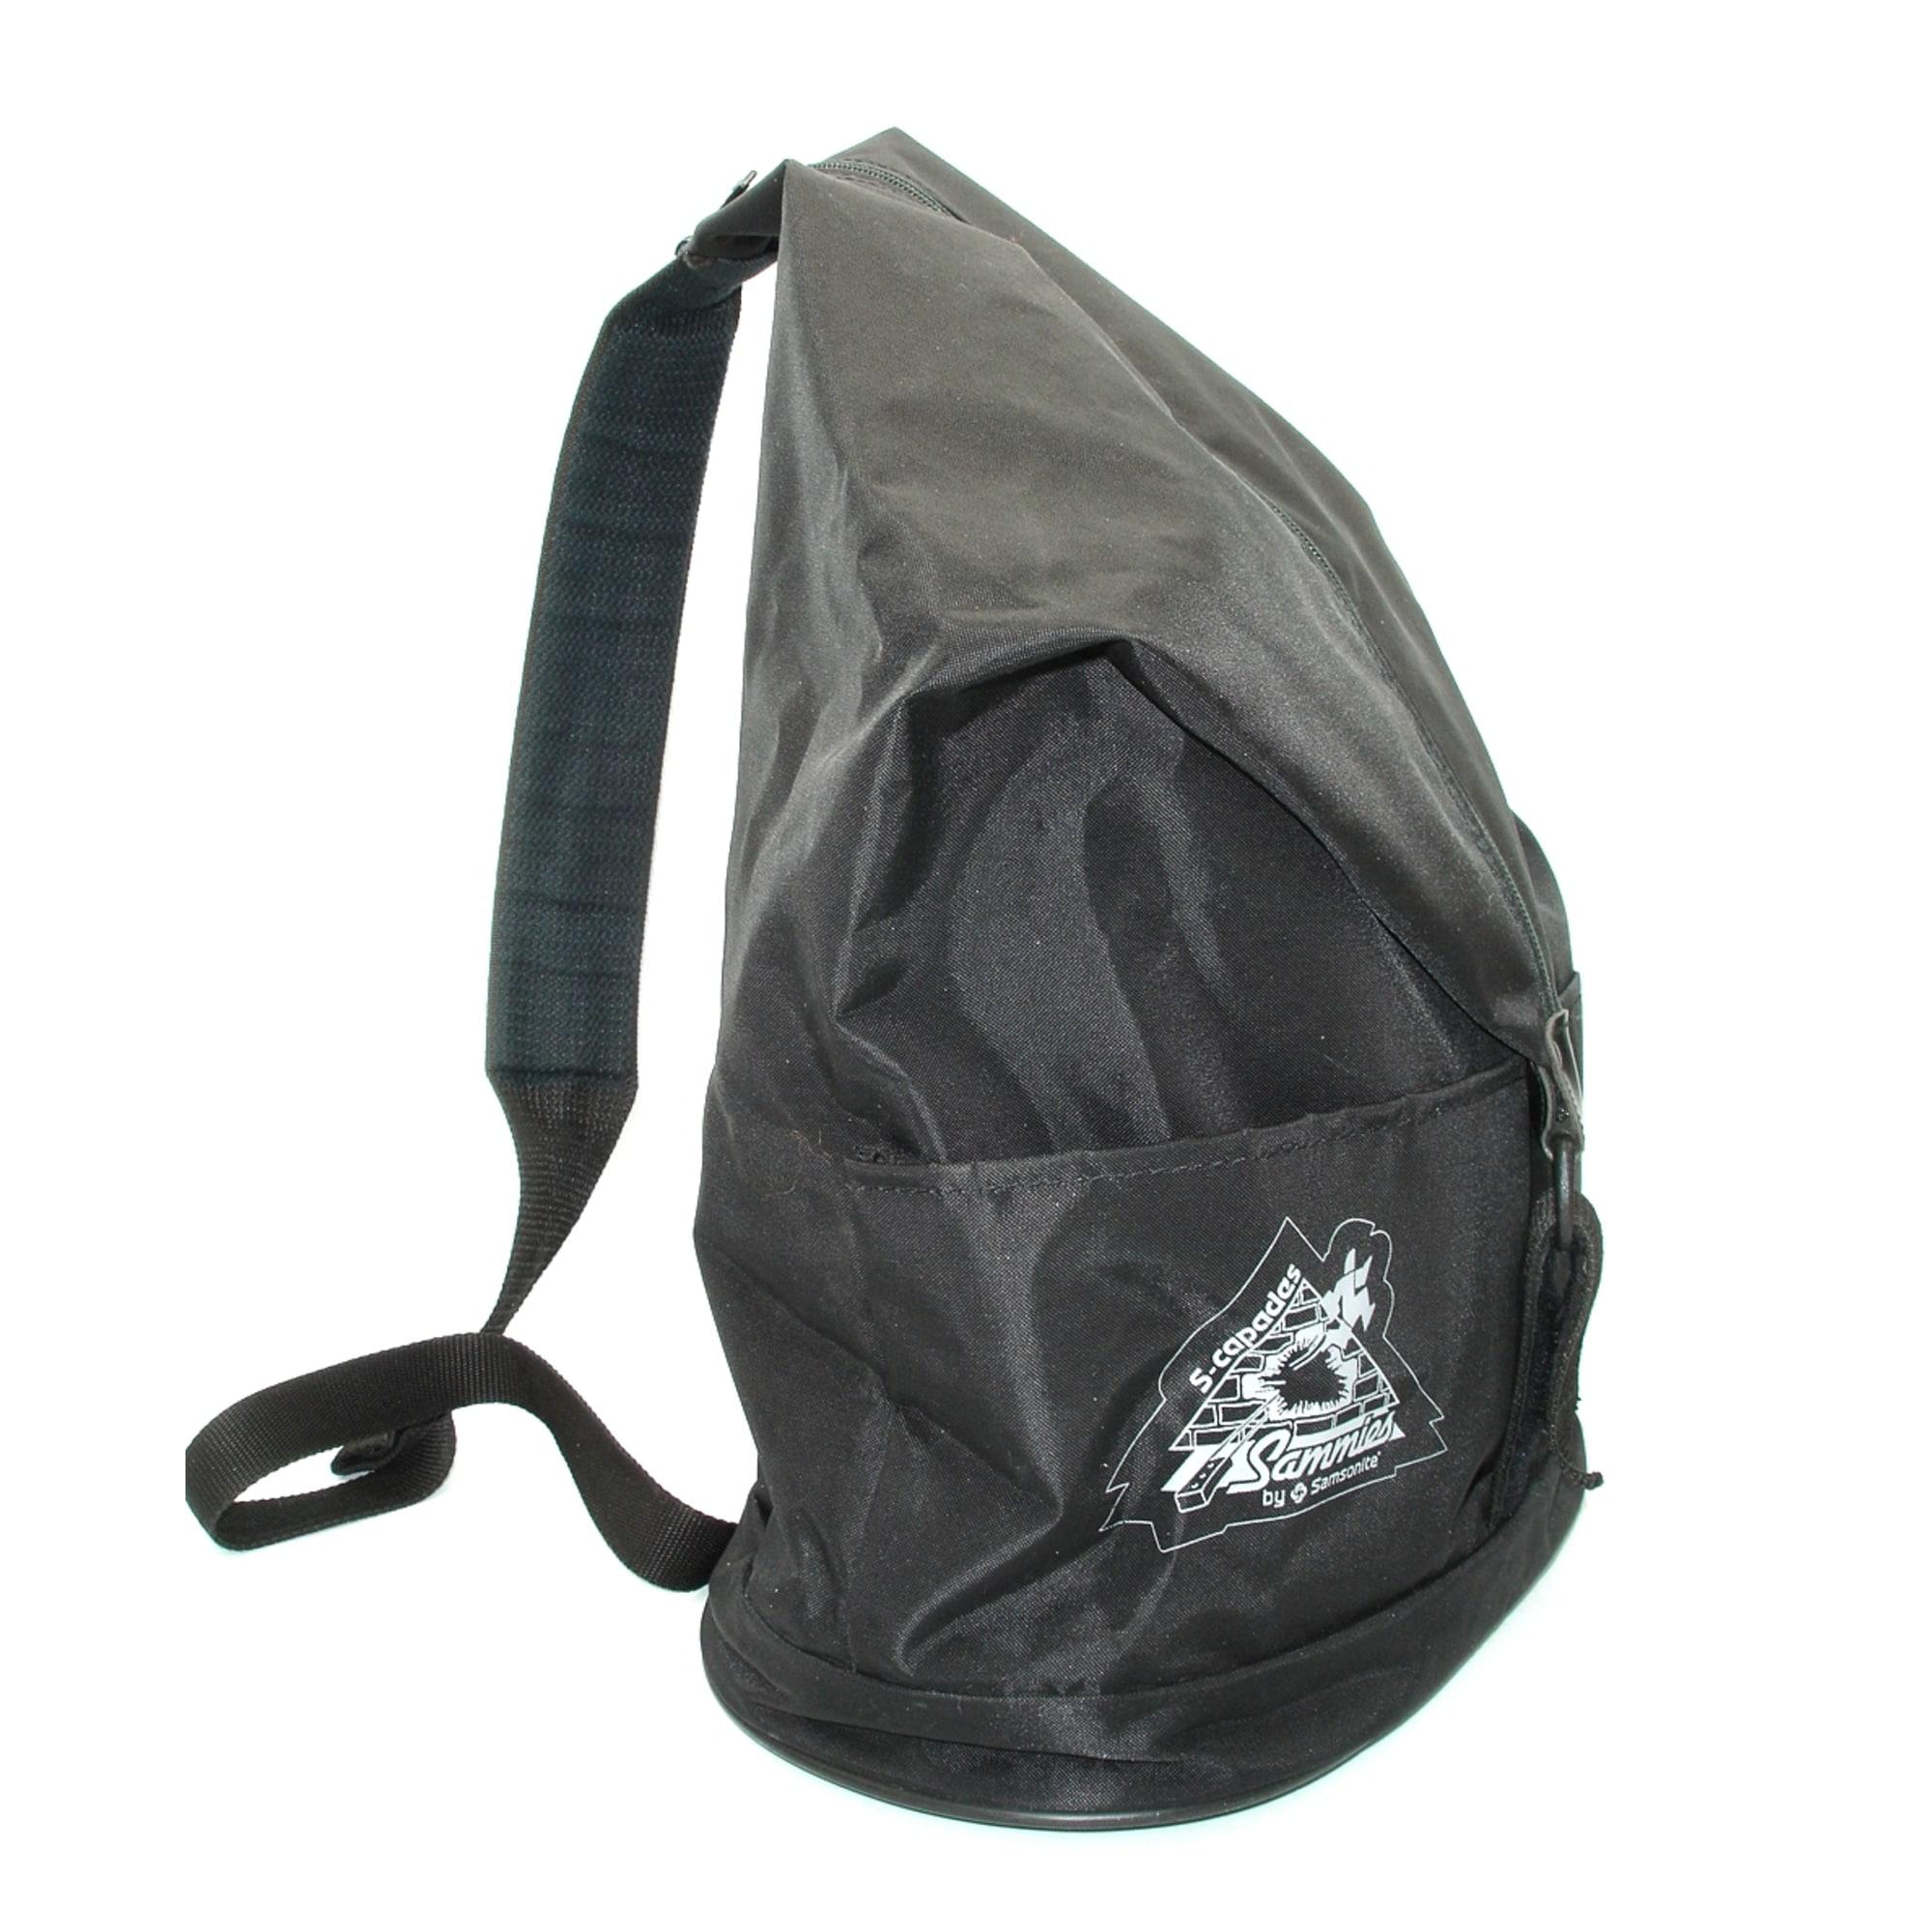 sac dos samsonite noir vendu par lizzycom 6085155. Black Bedroom Furniture Sets. Home Design Ideas